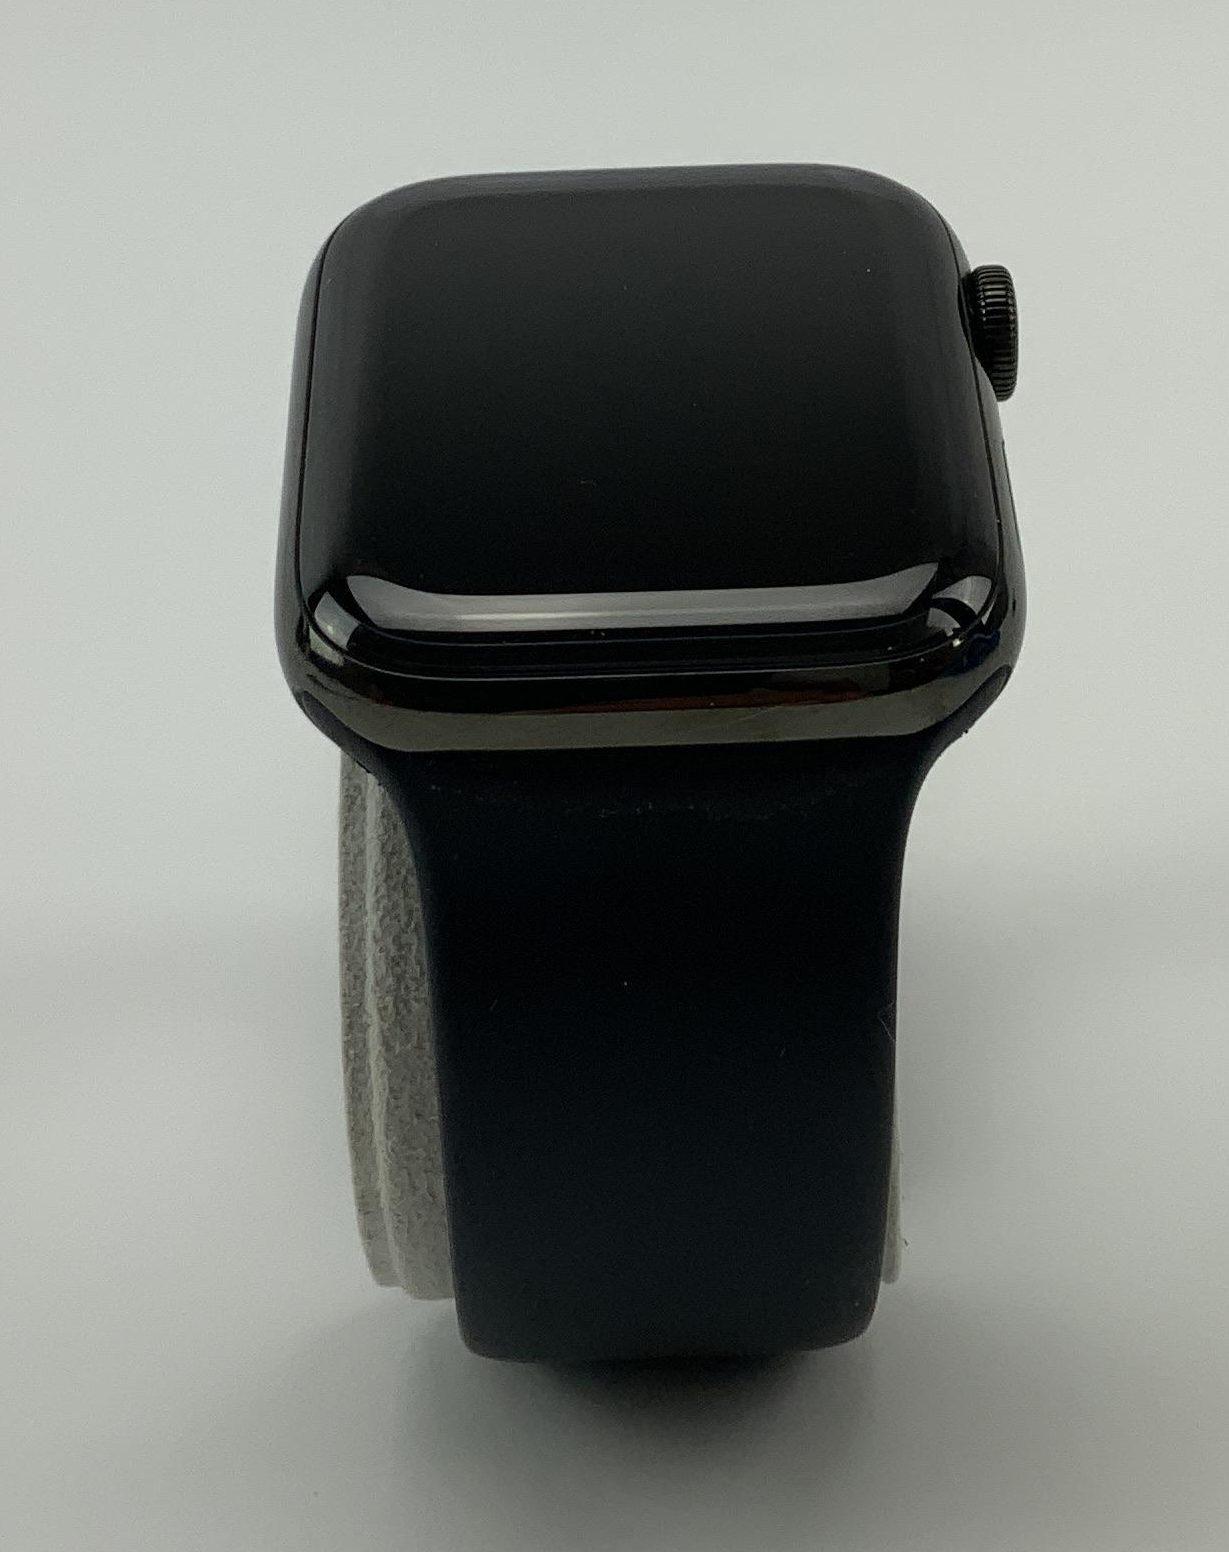 Watch Series 5 Steel Cellular (44mm), Space Black, bild 2